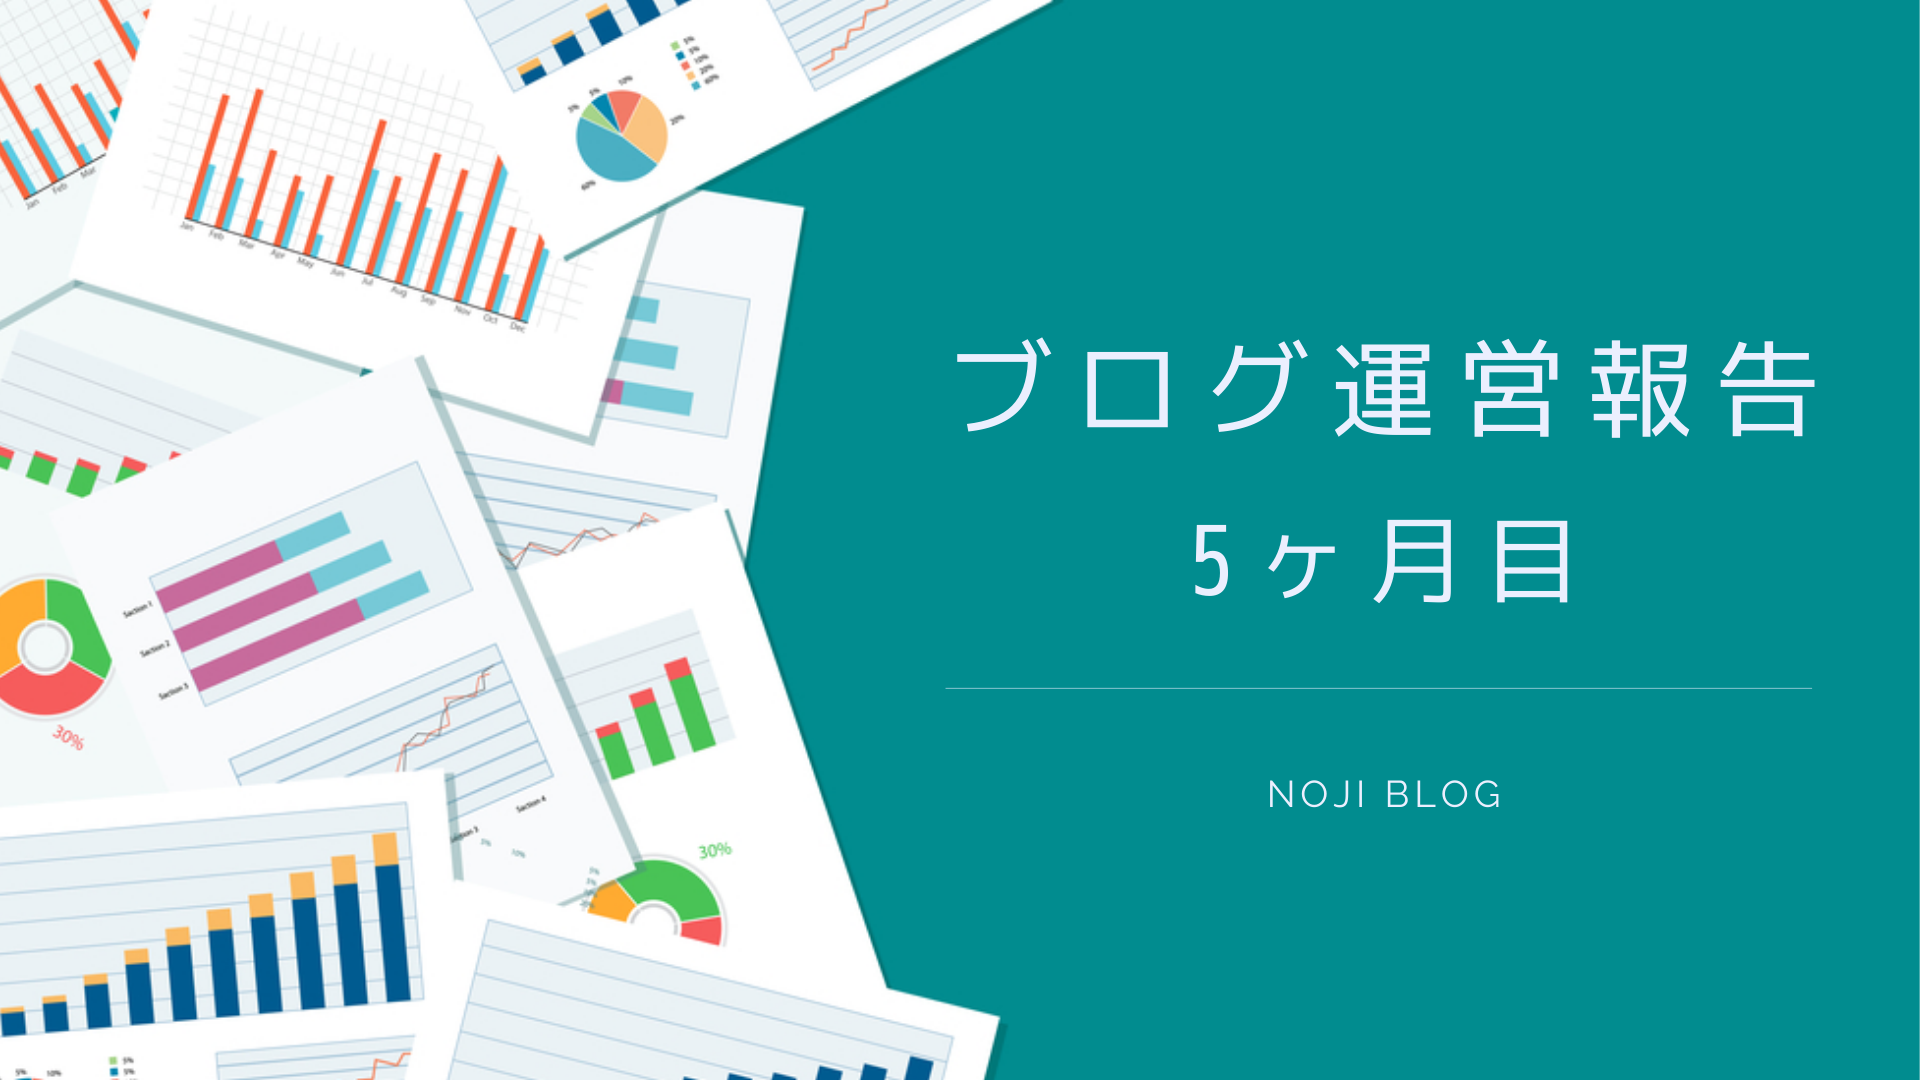 【ブログ運営報告】5ヶ月目10万PV、収益30万円【2019年11月】